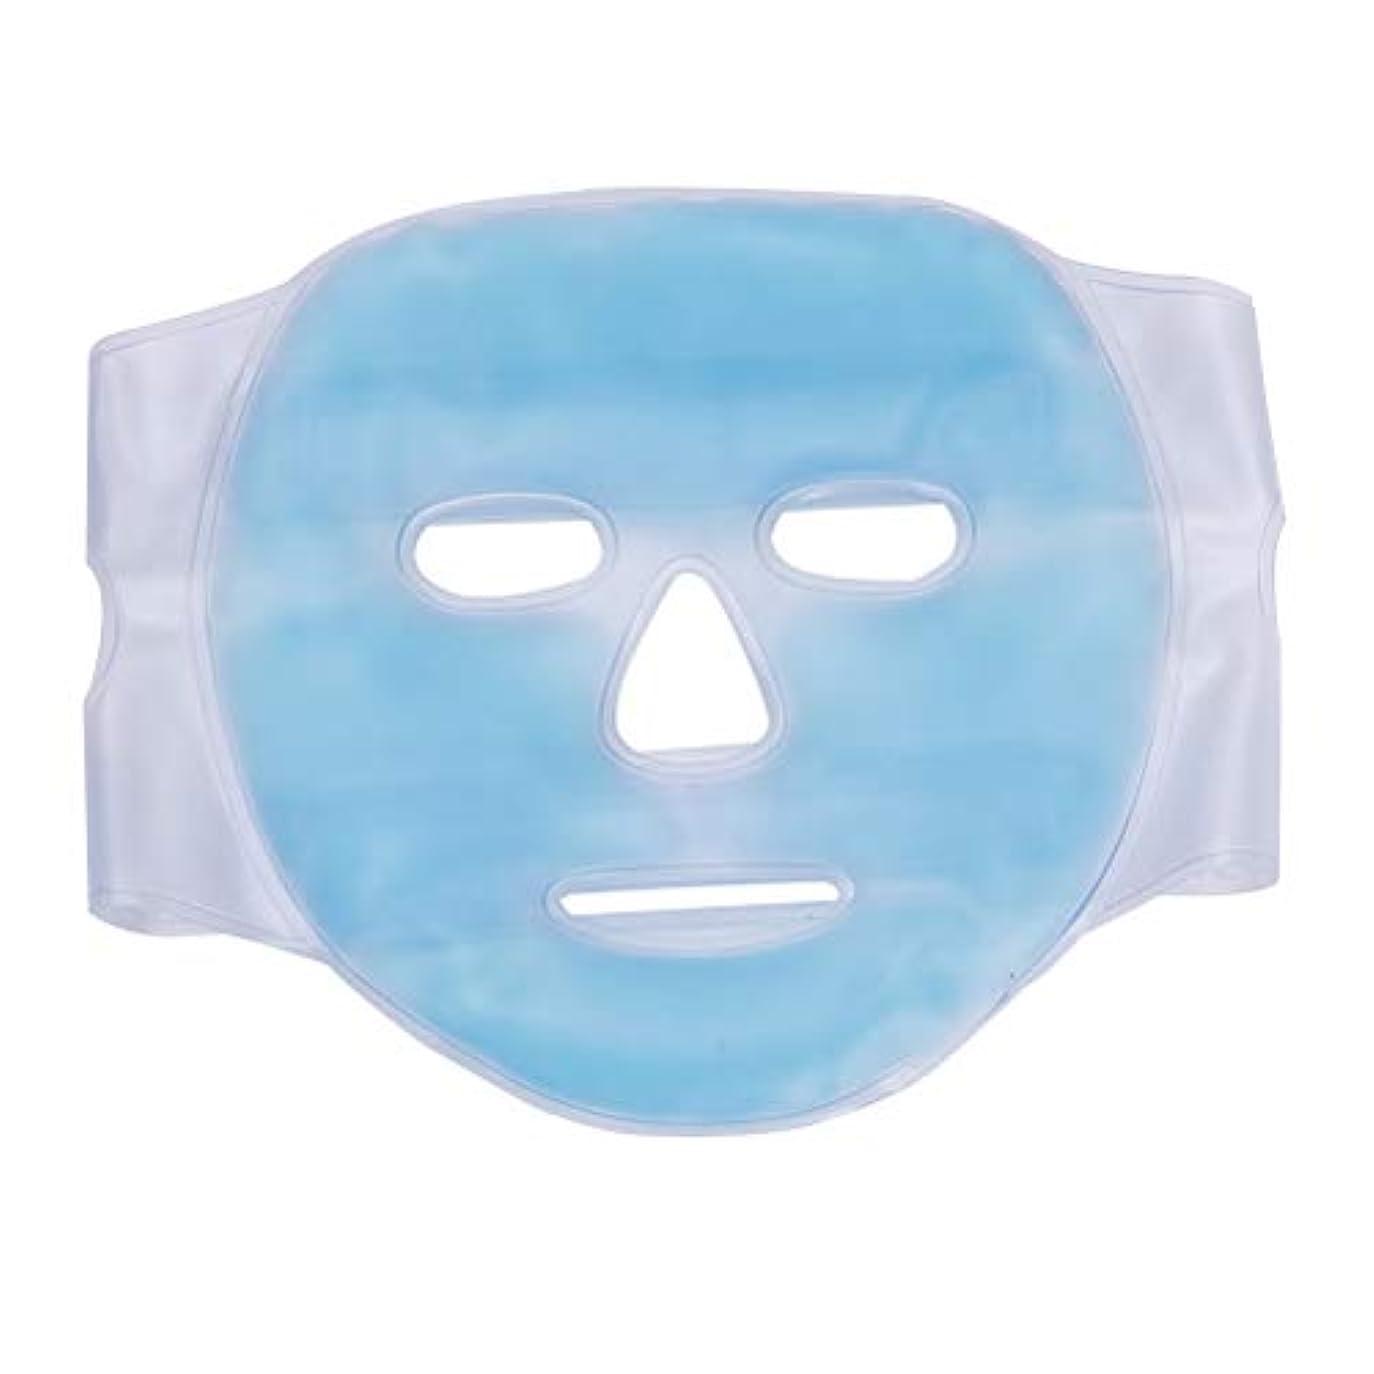 リマ分泌する追い出すSUPVOX 美容マスクホットコールドセラピージェルビーズフルフェイシャルマスク睡眠用片頭痛緩腫れぼったい顔(青)